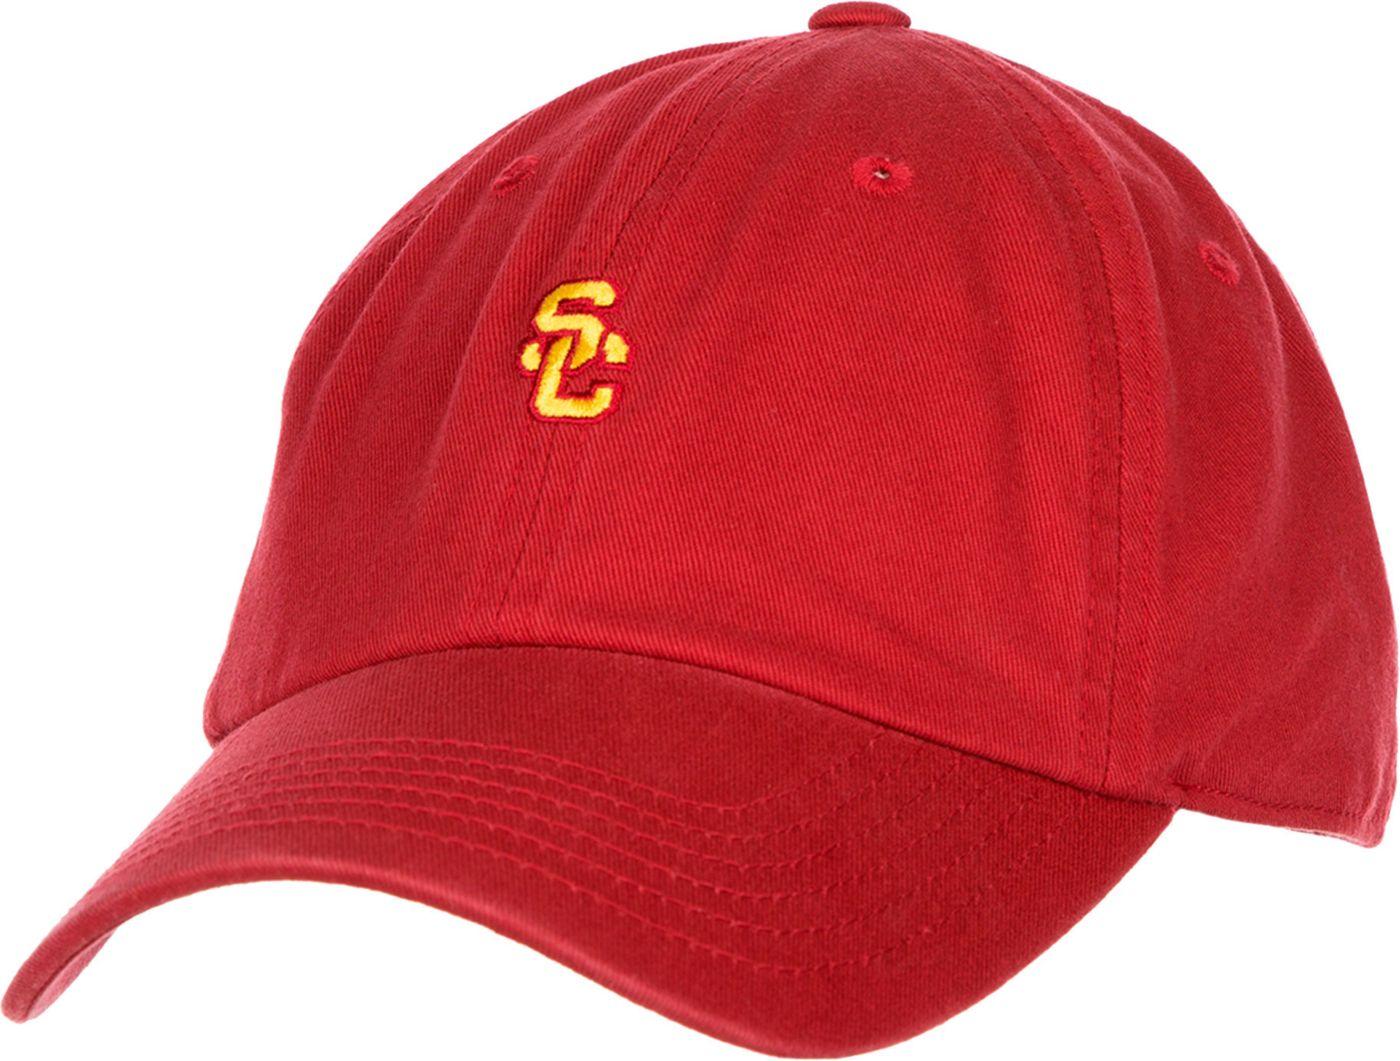 USC Authentic Apparel Men's USC Trojans Cardinal Adjustable Hat